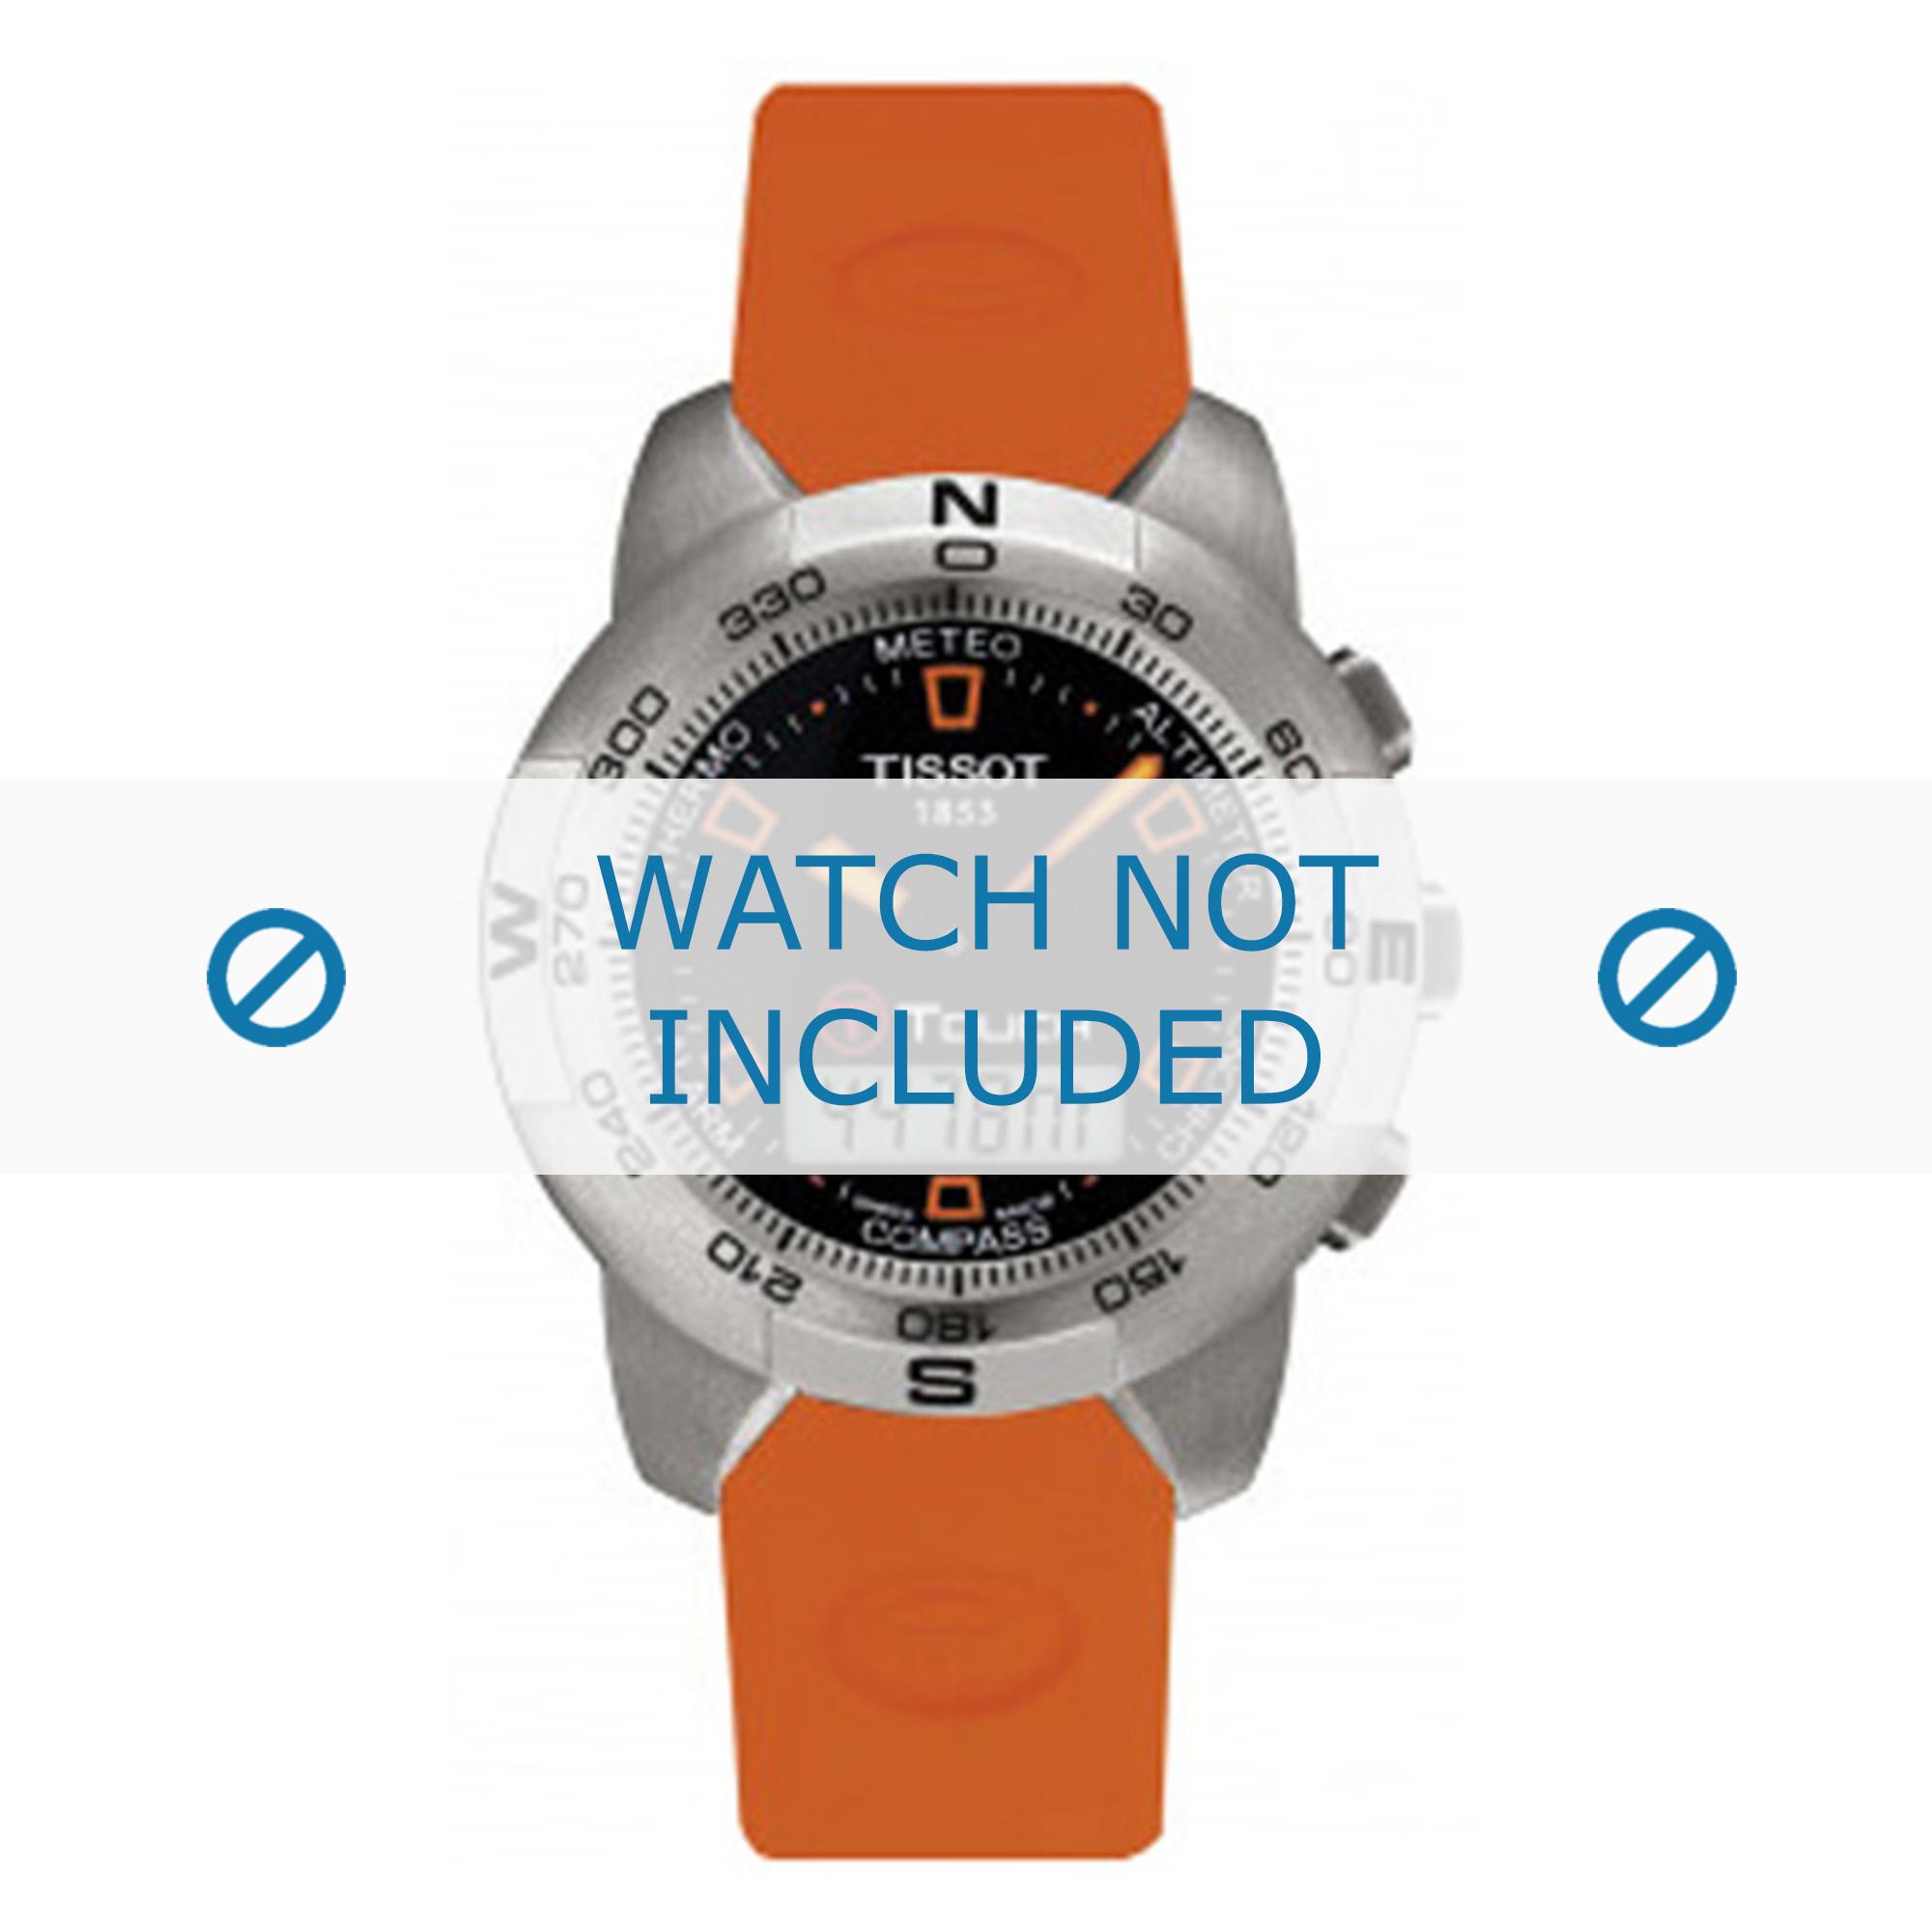 Tissot horlogeband T013.420.A T610026463-T047.420.A Rubber Oranje 21mm